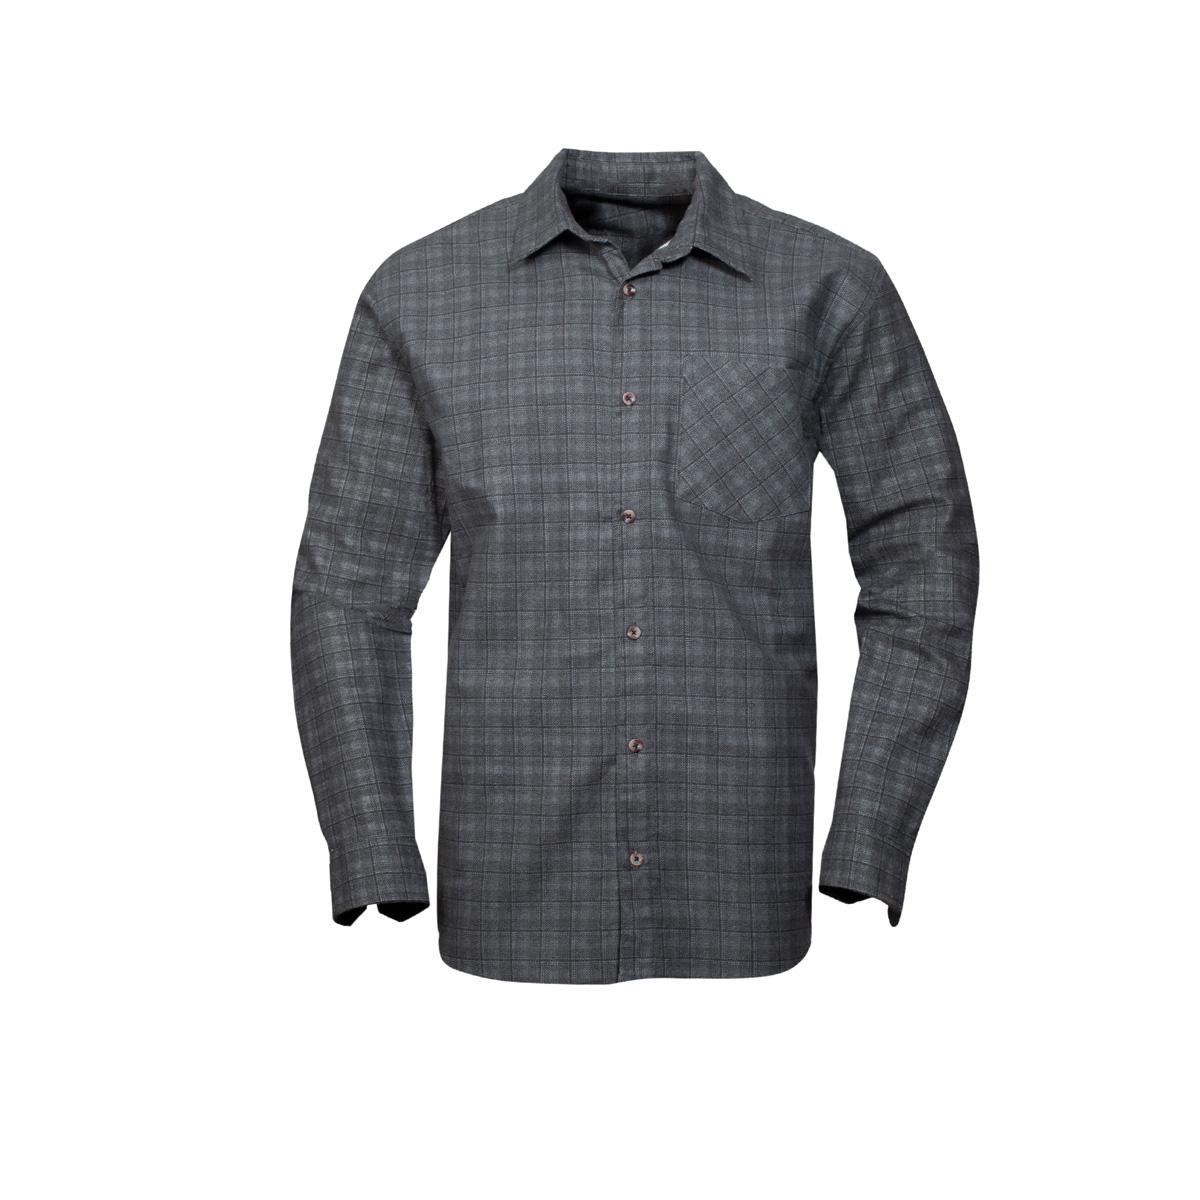 Moška srajca, temno siva